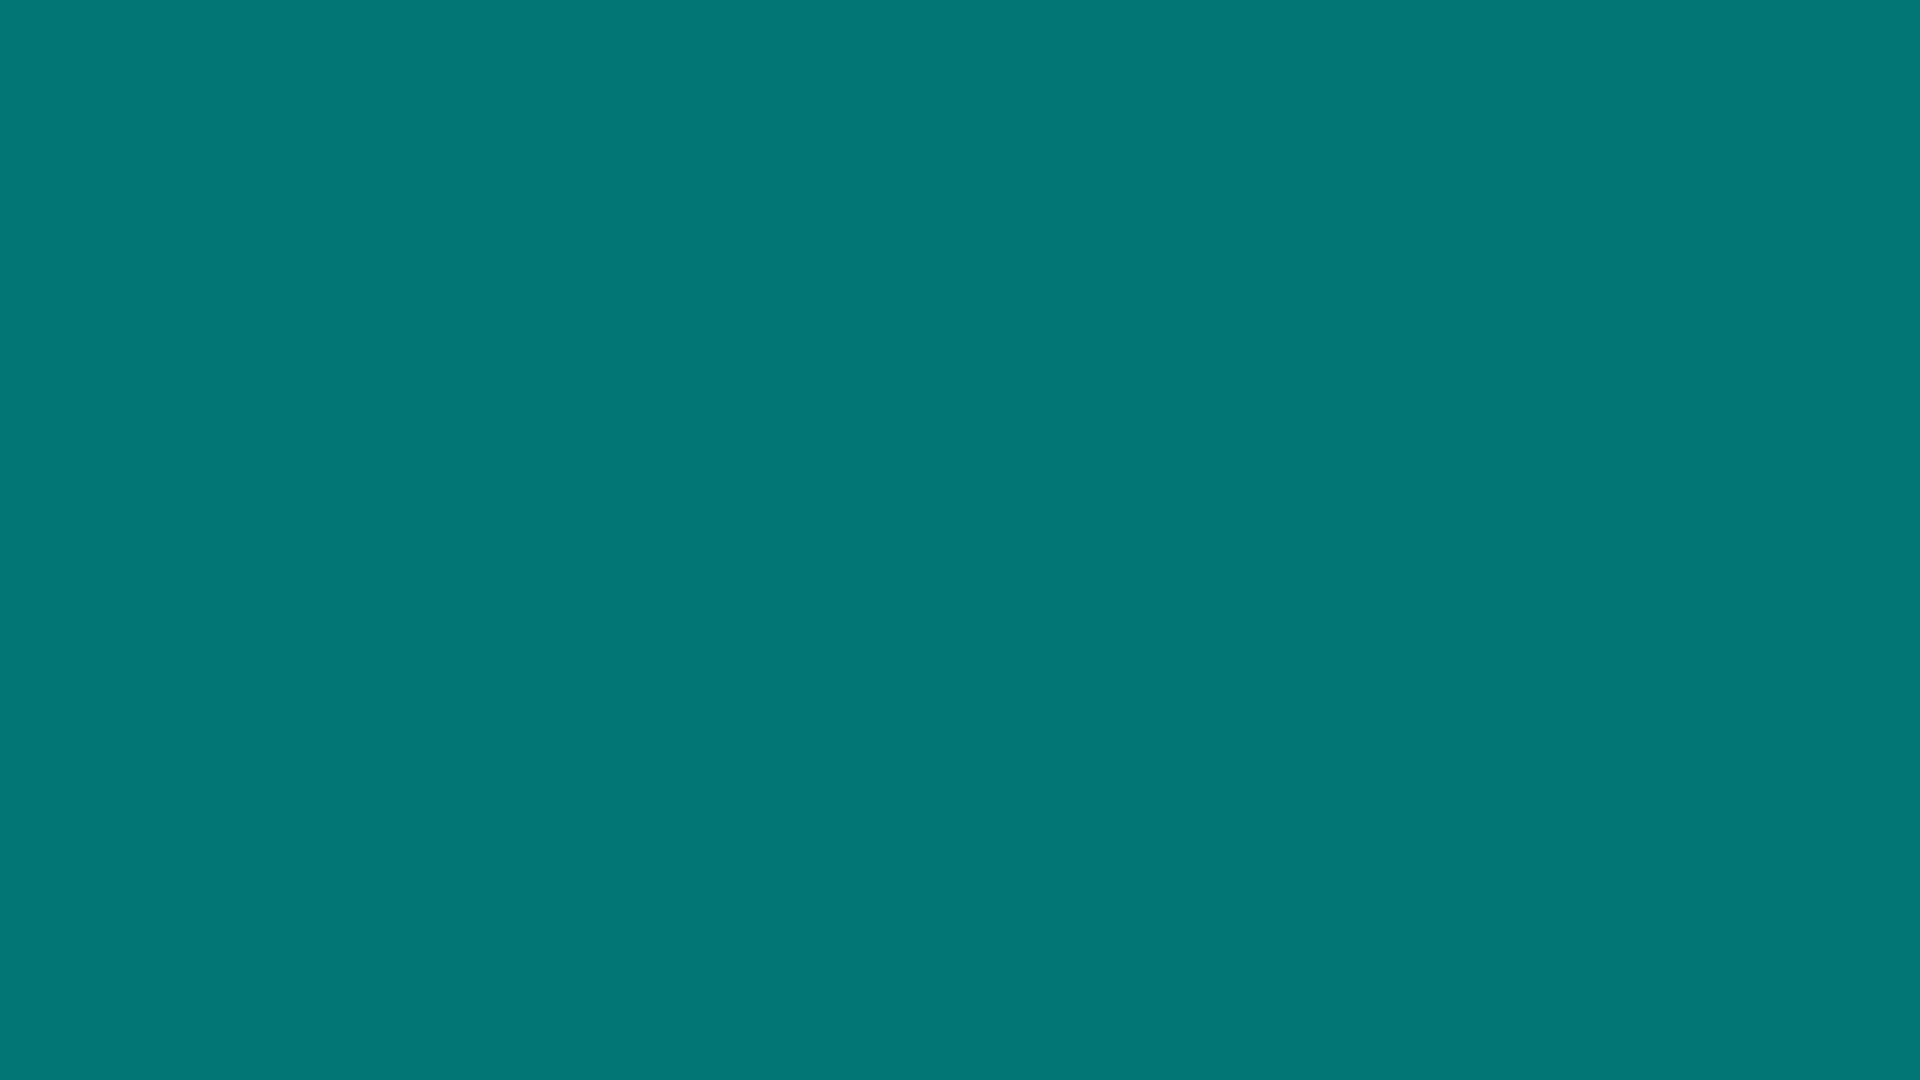 [공지] 2014년도 아시아 기초연구 지원 사업 공고